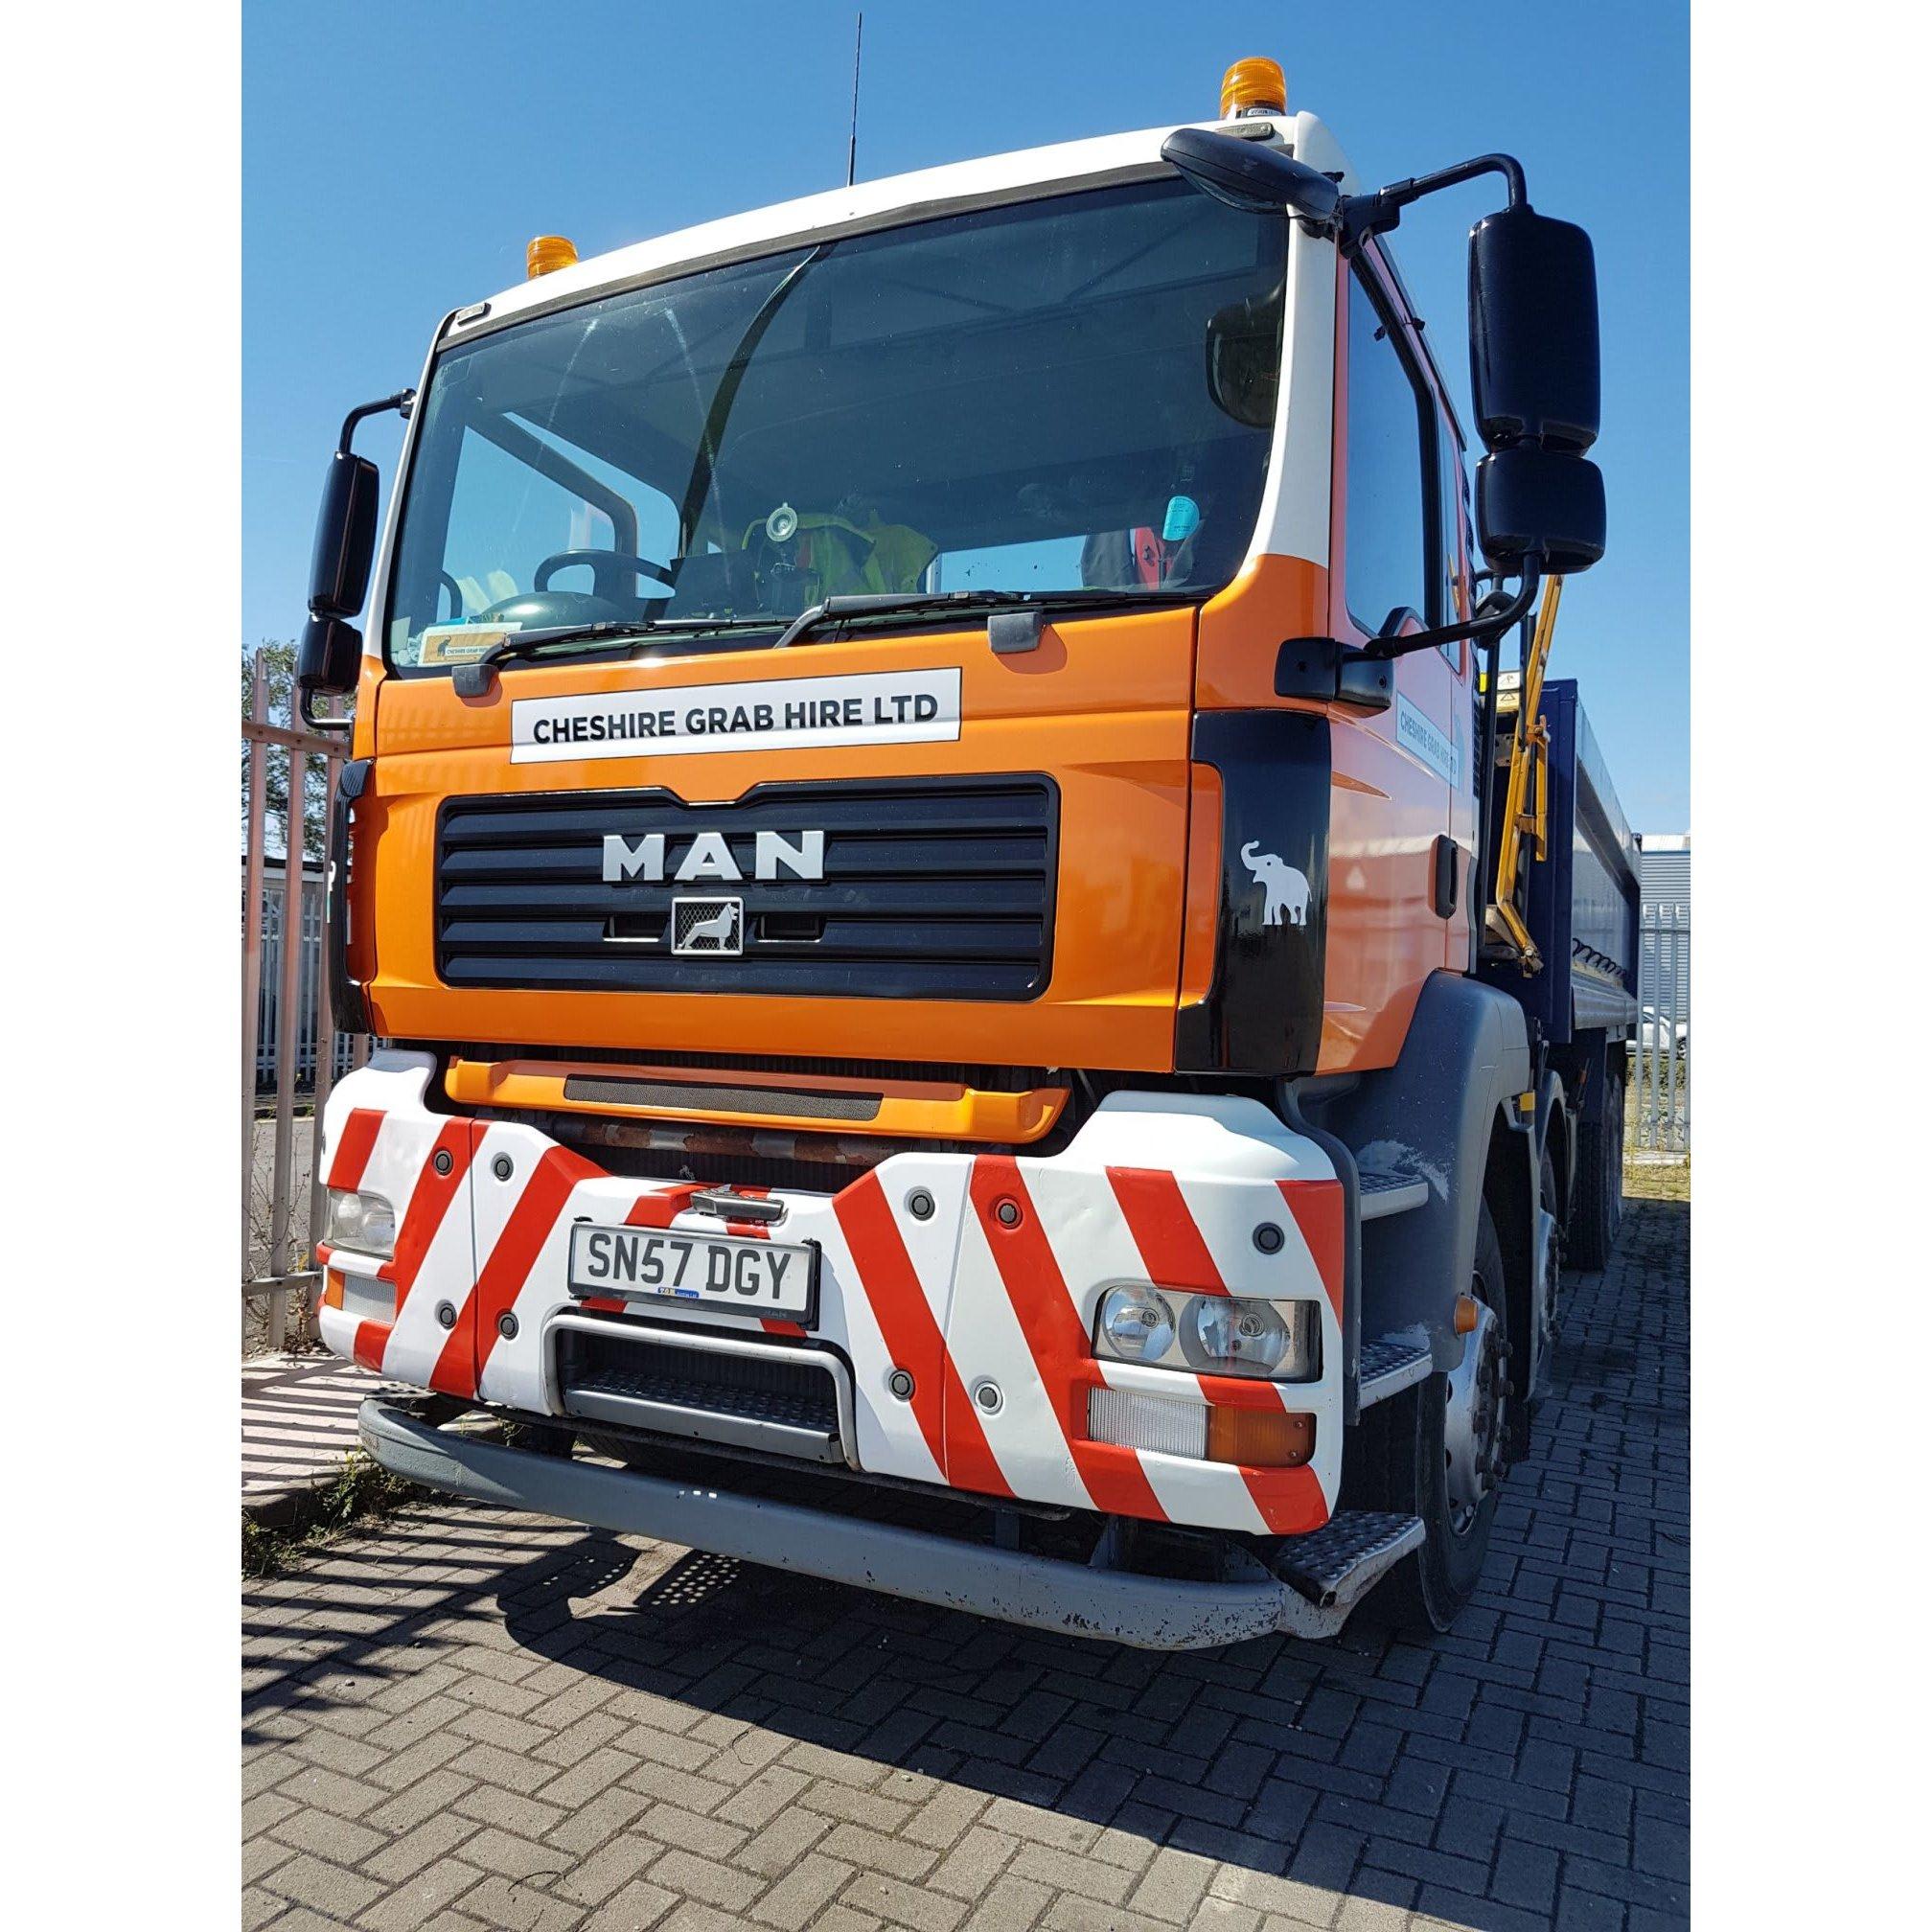 Cheshire Grab Hire Ltd - Sandbach, Cheshire CW11 3RY - 07894 446378 | ShowMeLocal.com